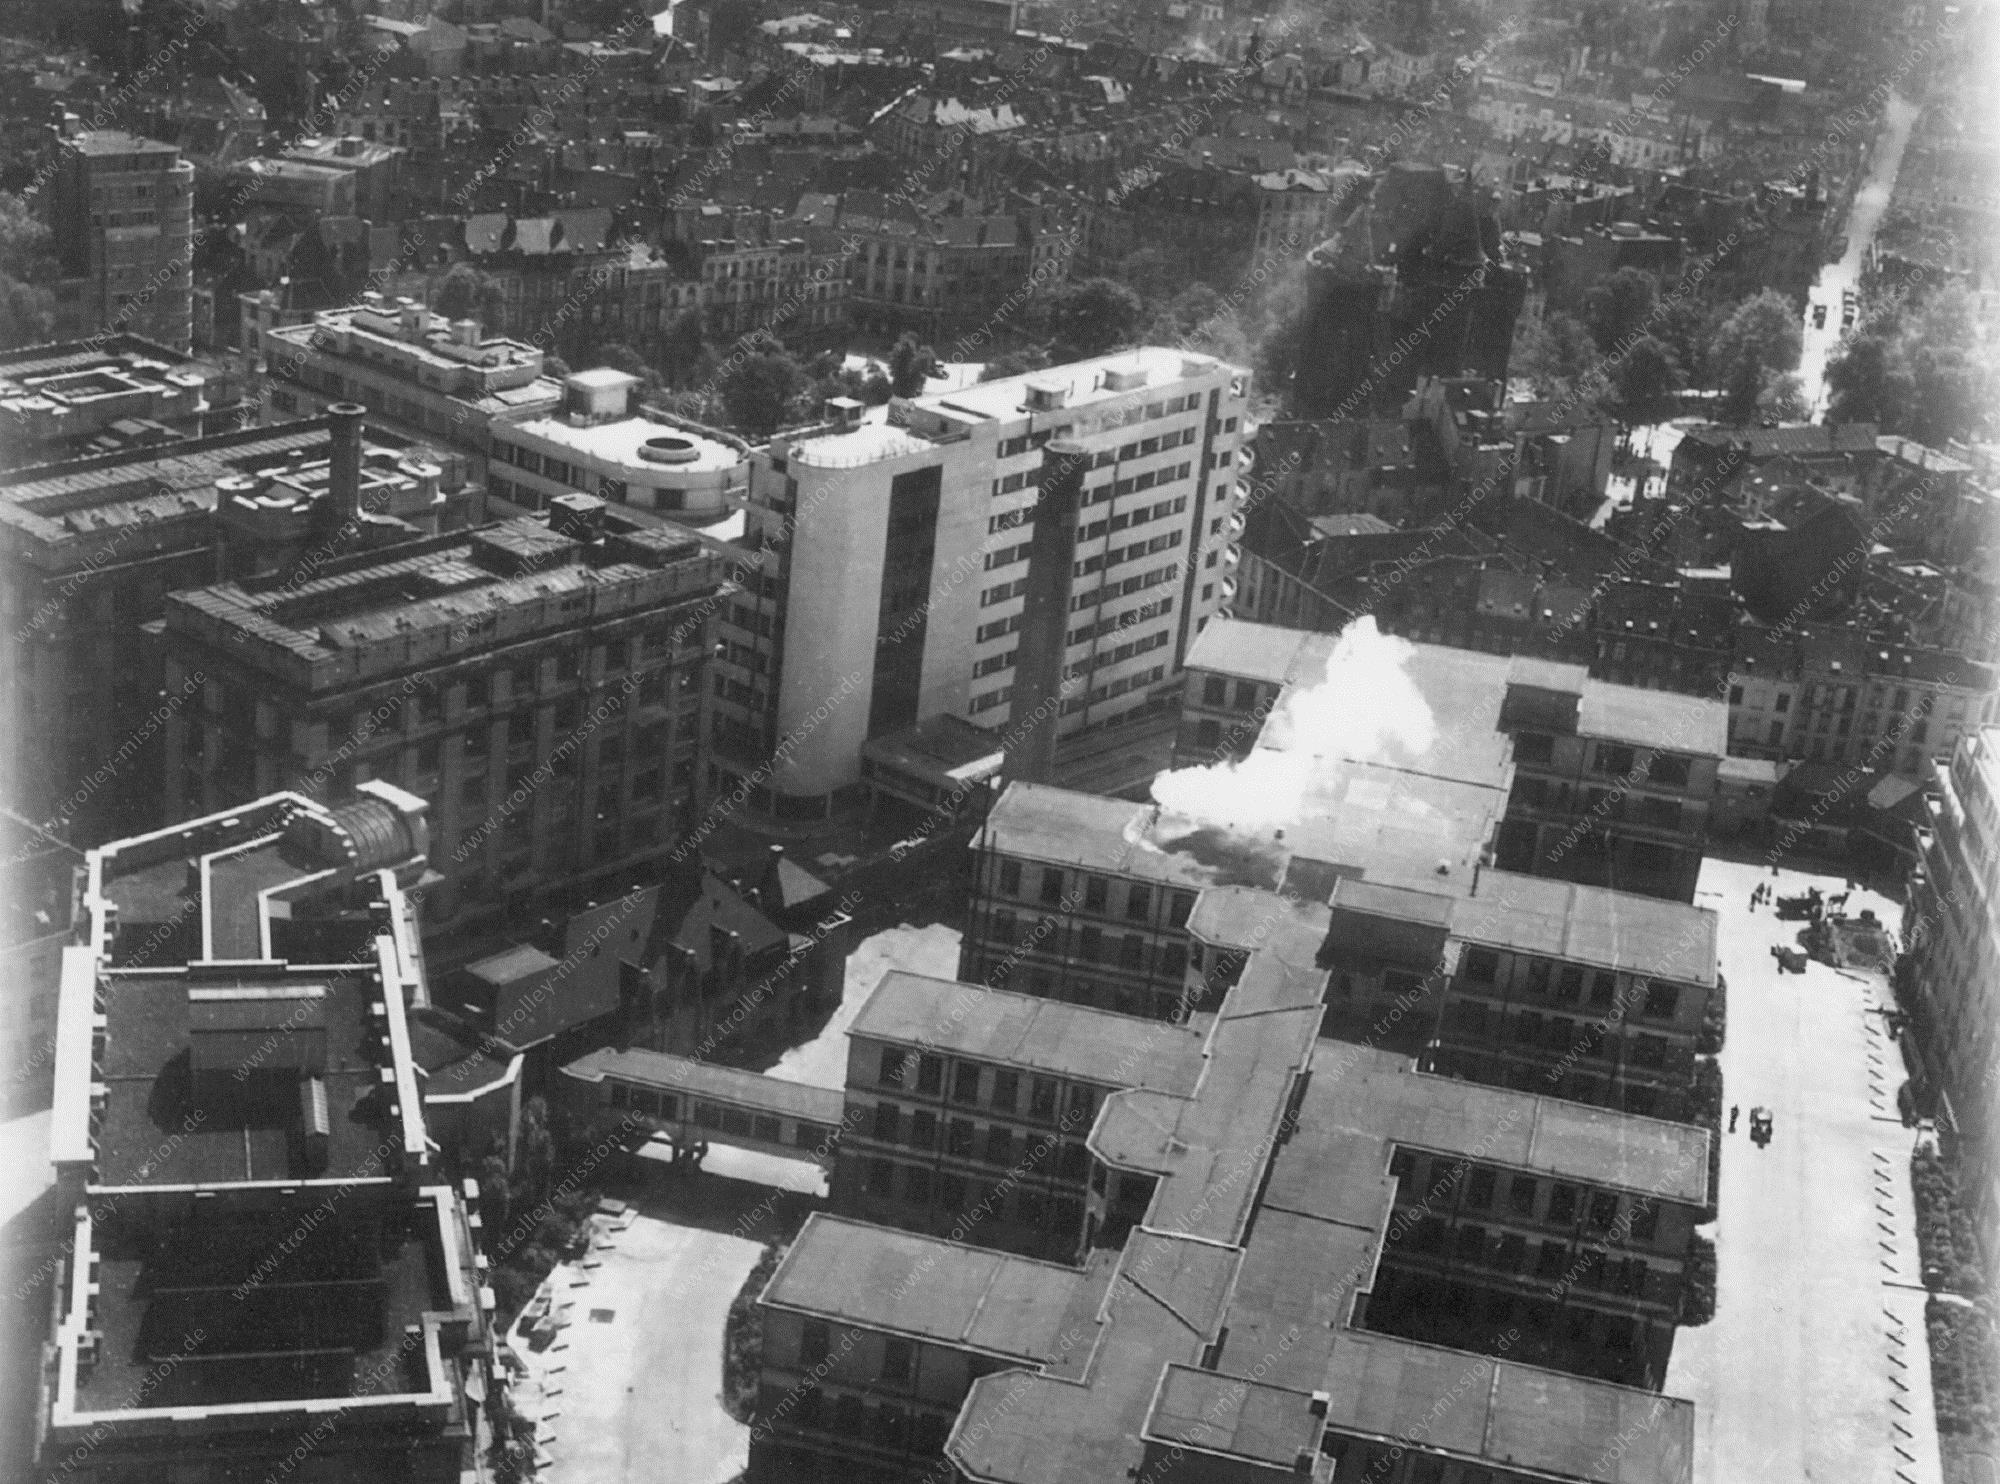 Foto van Universitair Ziekenhuis Centrum Brussel (UMC Sint-Pieter) uit de 2e wereldoorlog